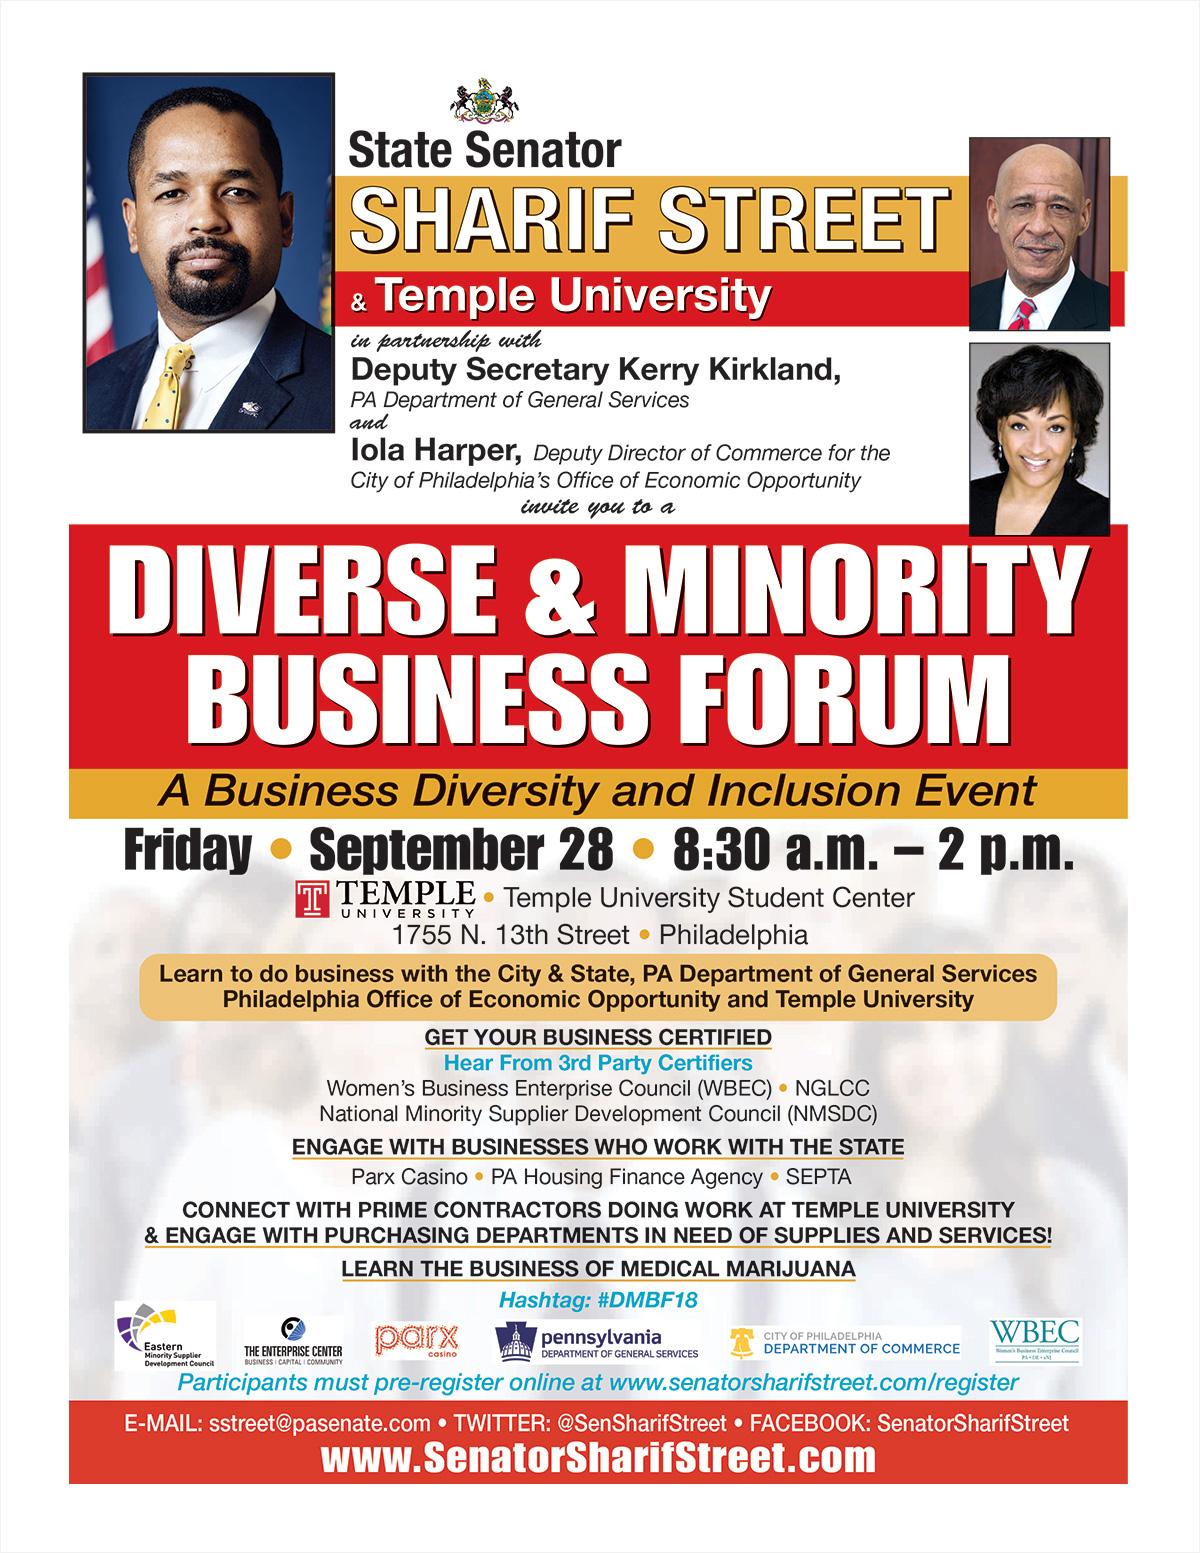 Diversity & Inclusion Fair 2018